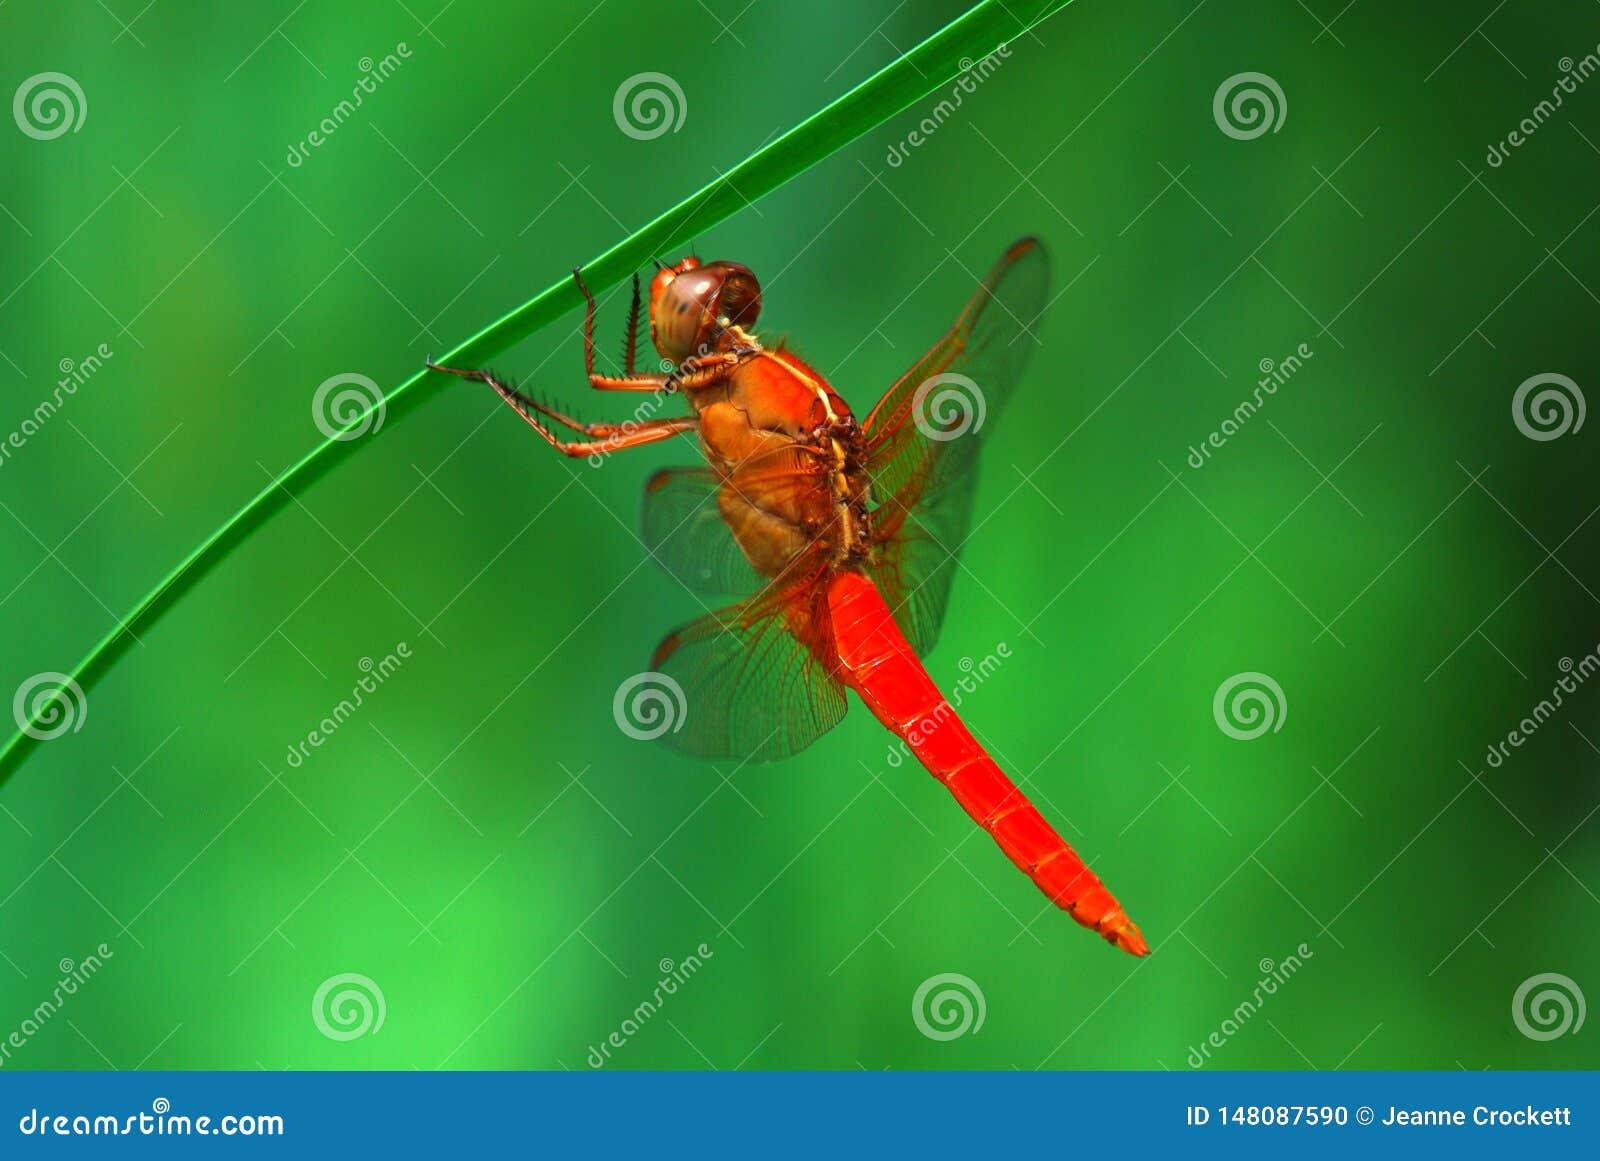 垂悬从芦苇的红色蜻蜓